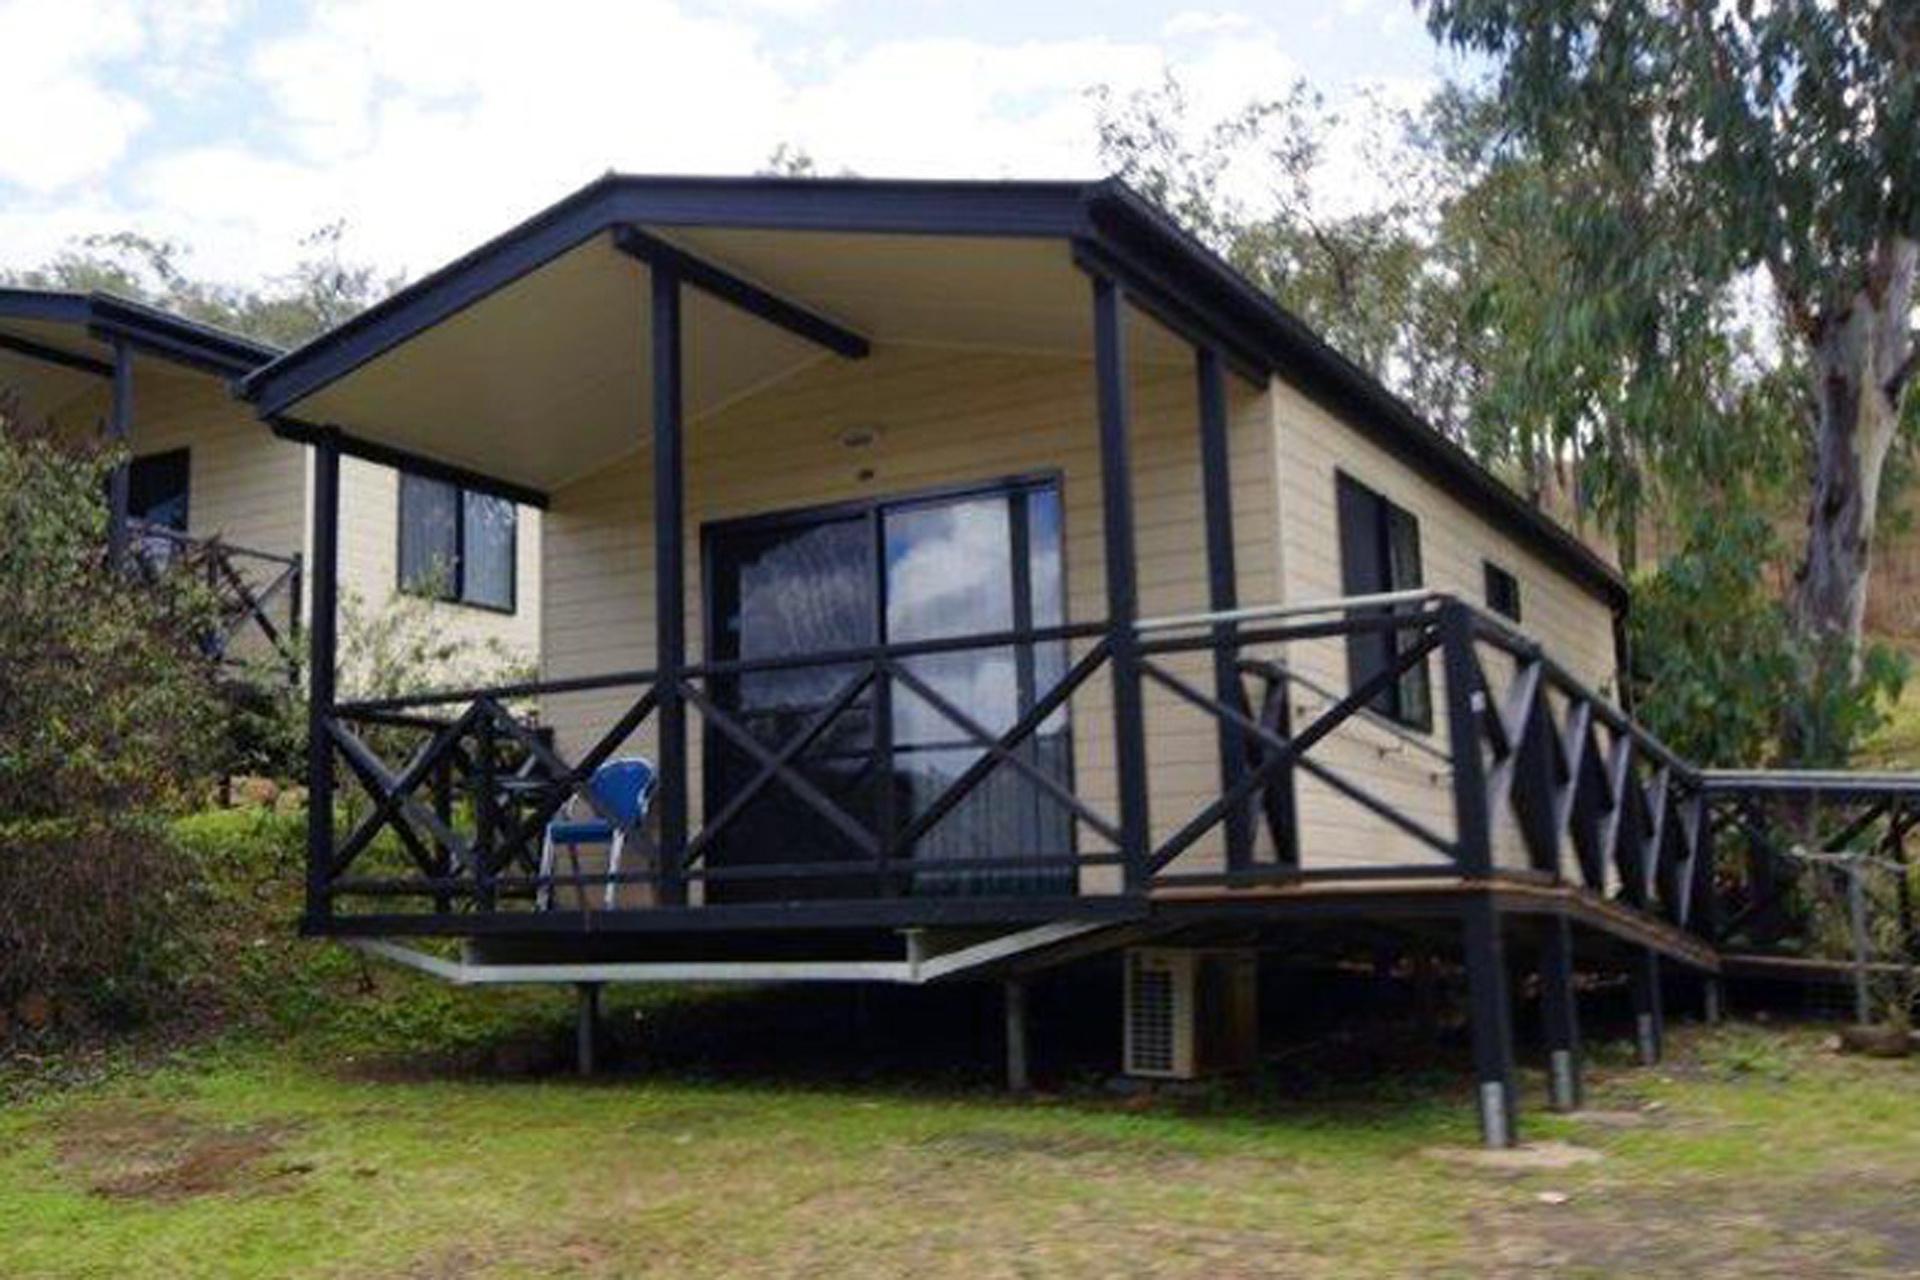 c - Cania Gorge Caravan & Tourist Park